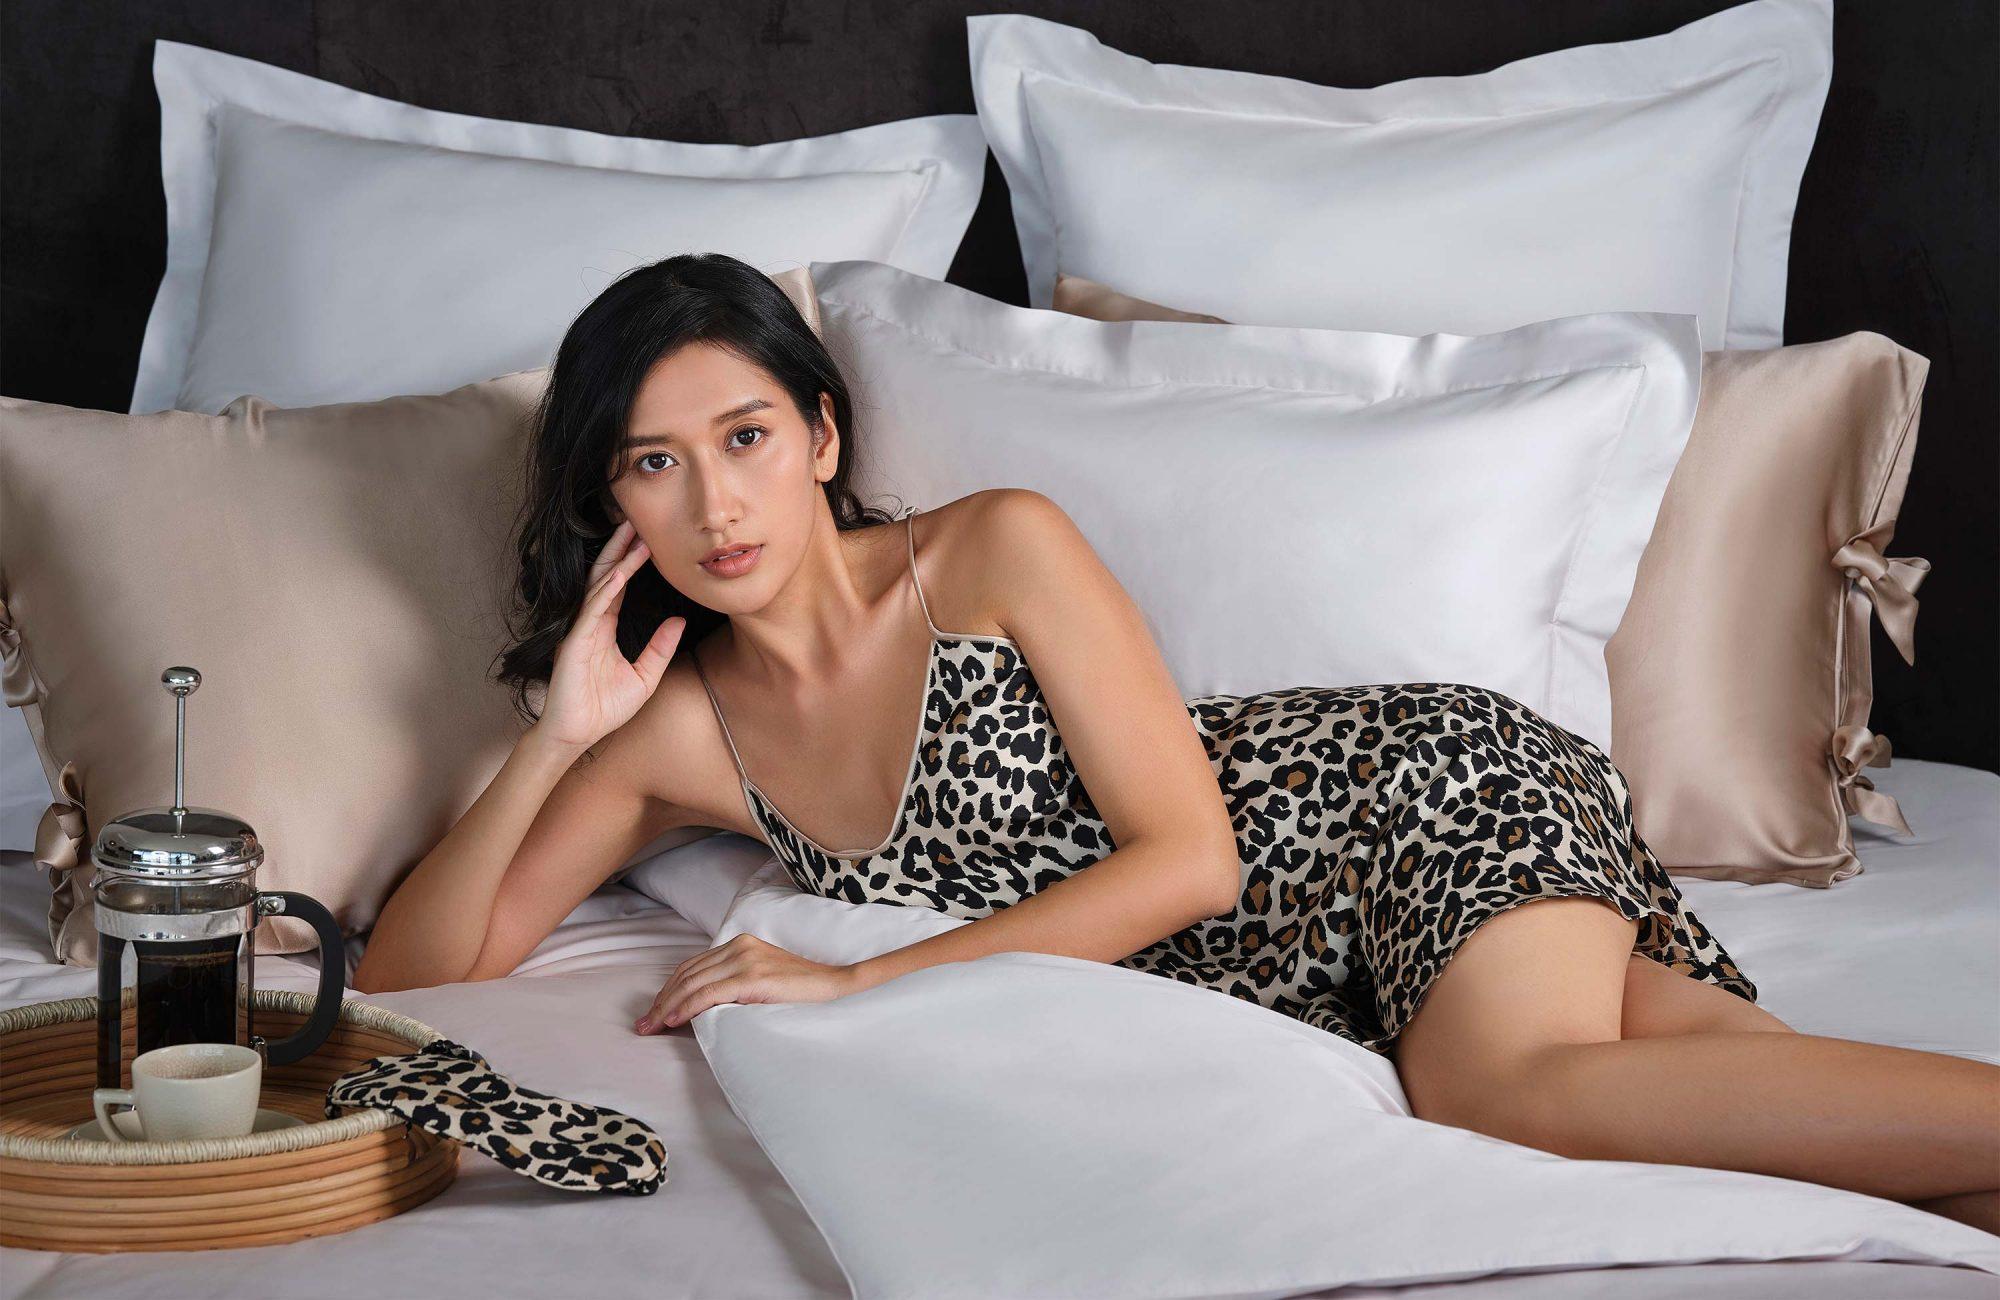 Leopard print silk nightdress